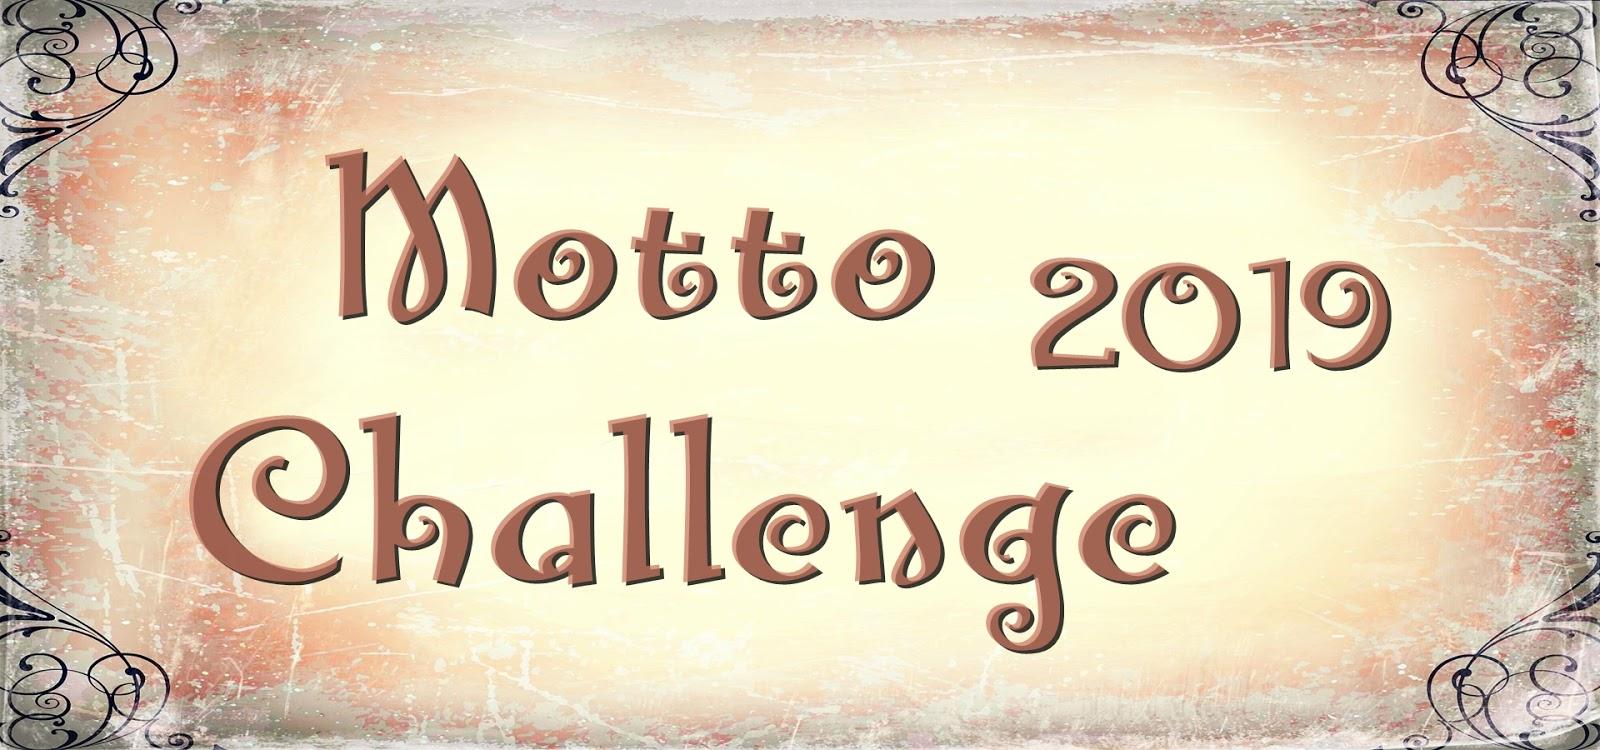 Motto Challenge 2019 mit